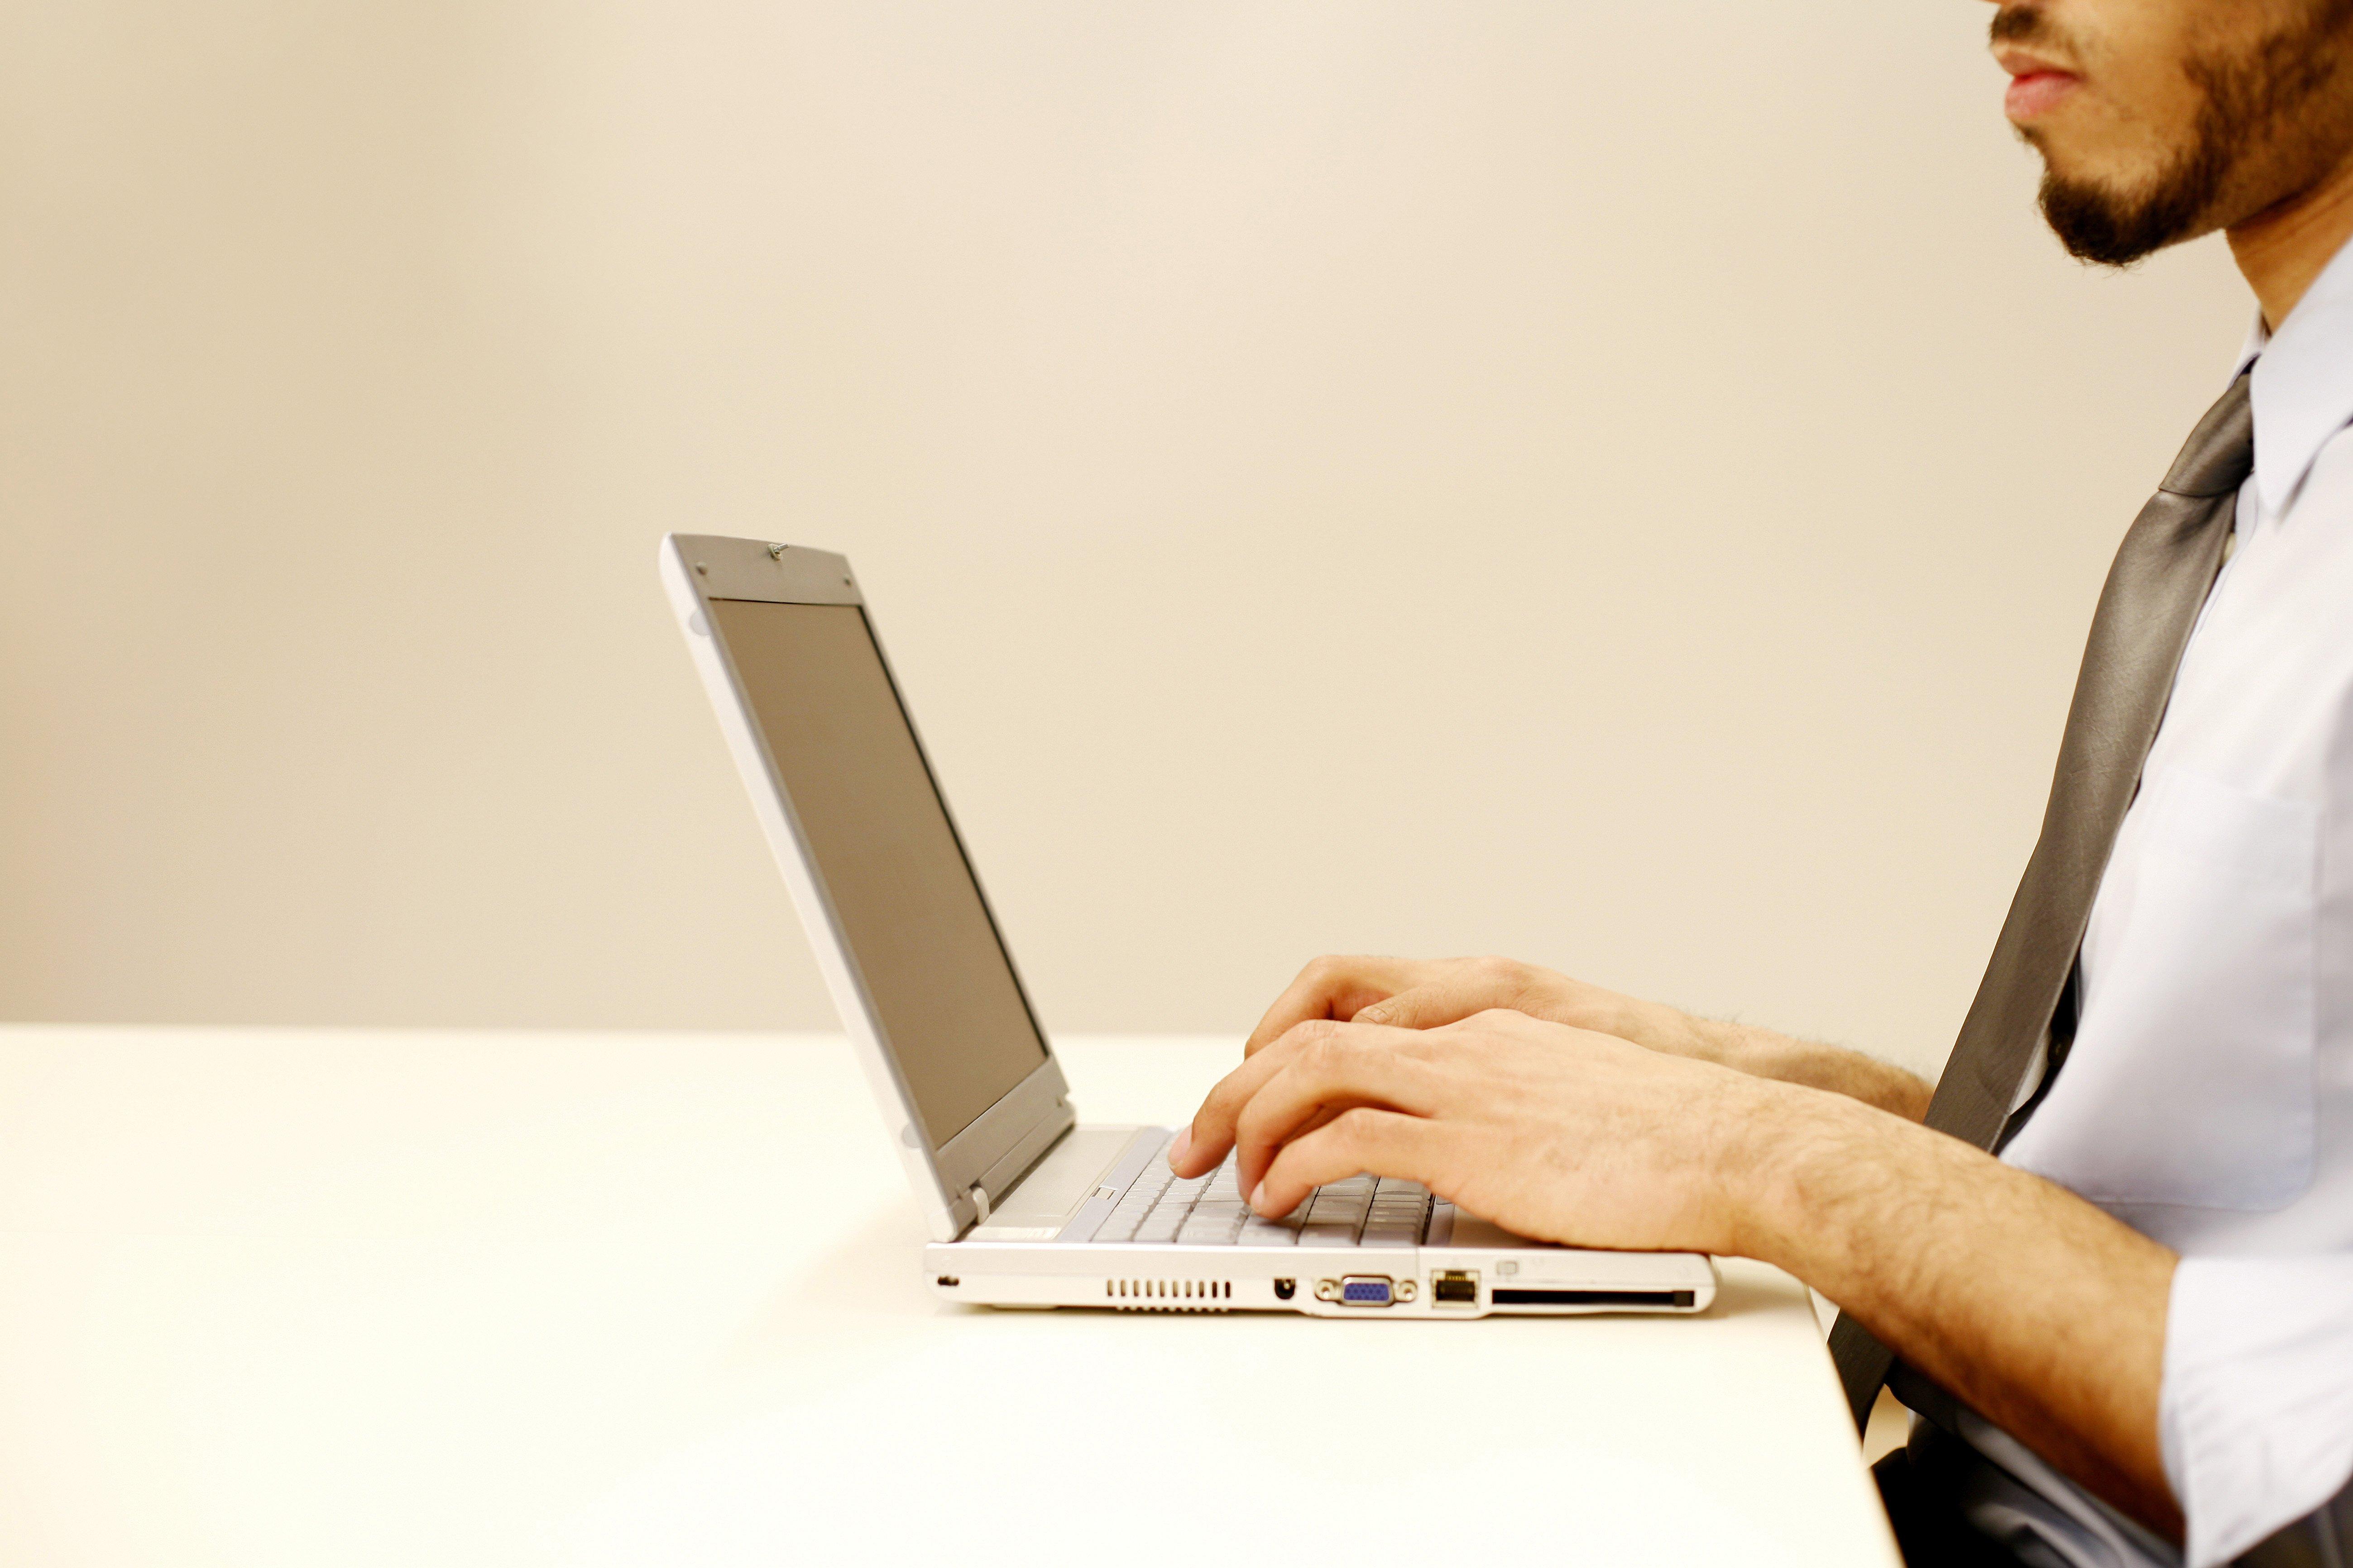 sas programmer computing business